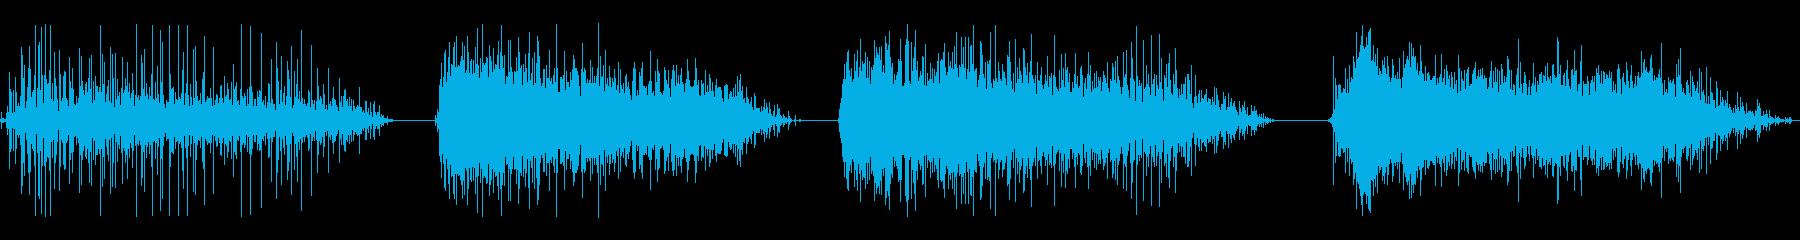 拍手、HUM OF VOICES、...の再生済みの波形